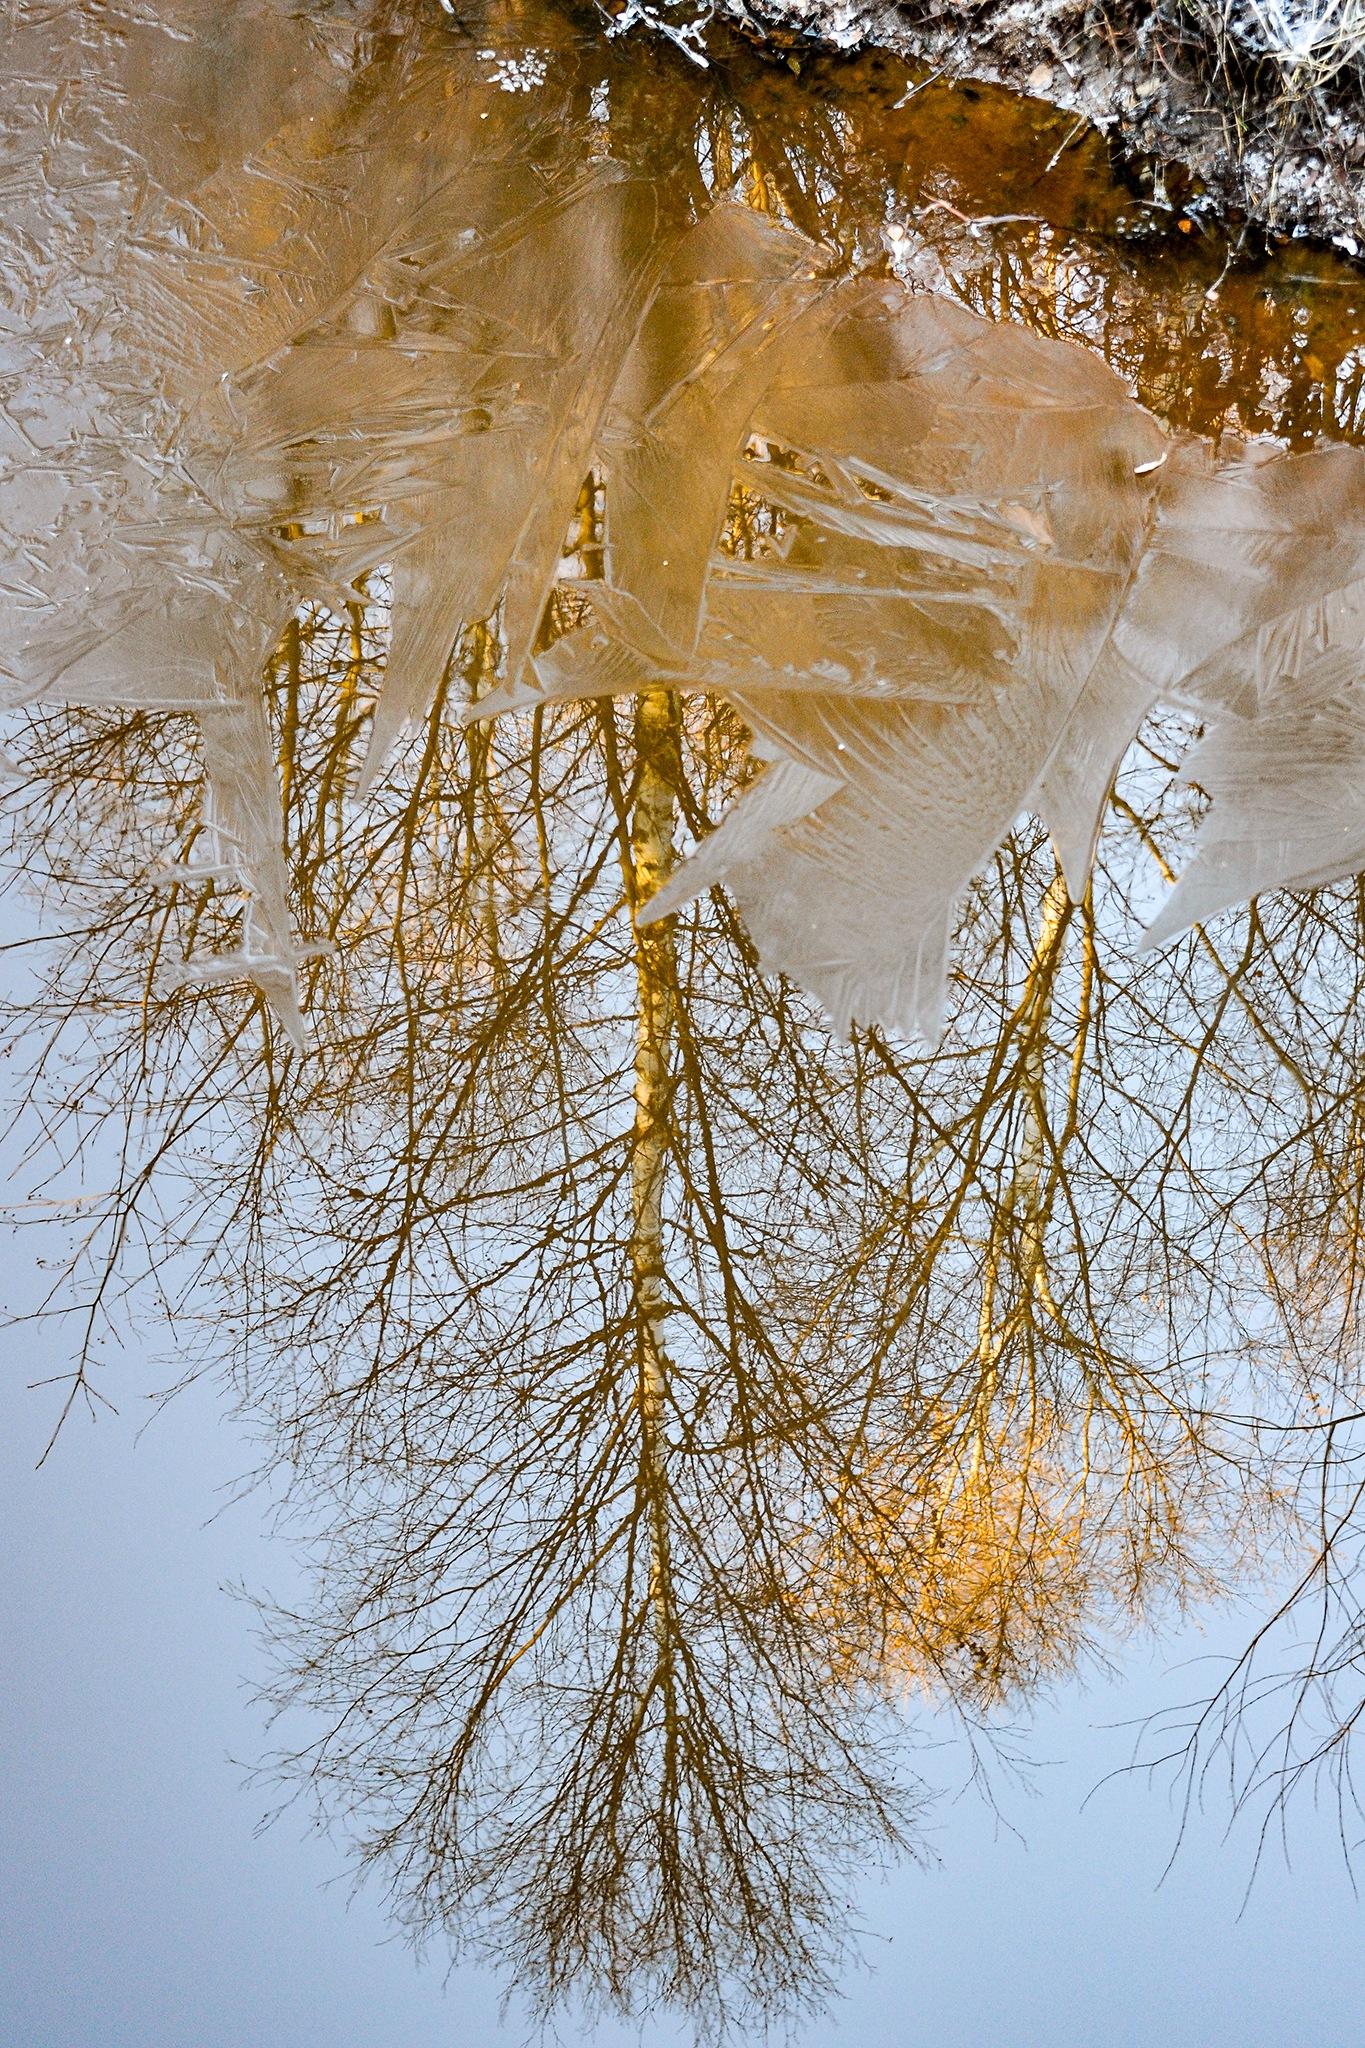 Reflection upside down by Kjell Lundqvist